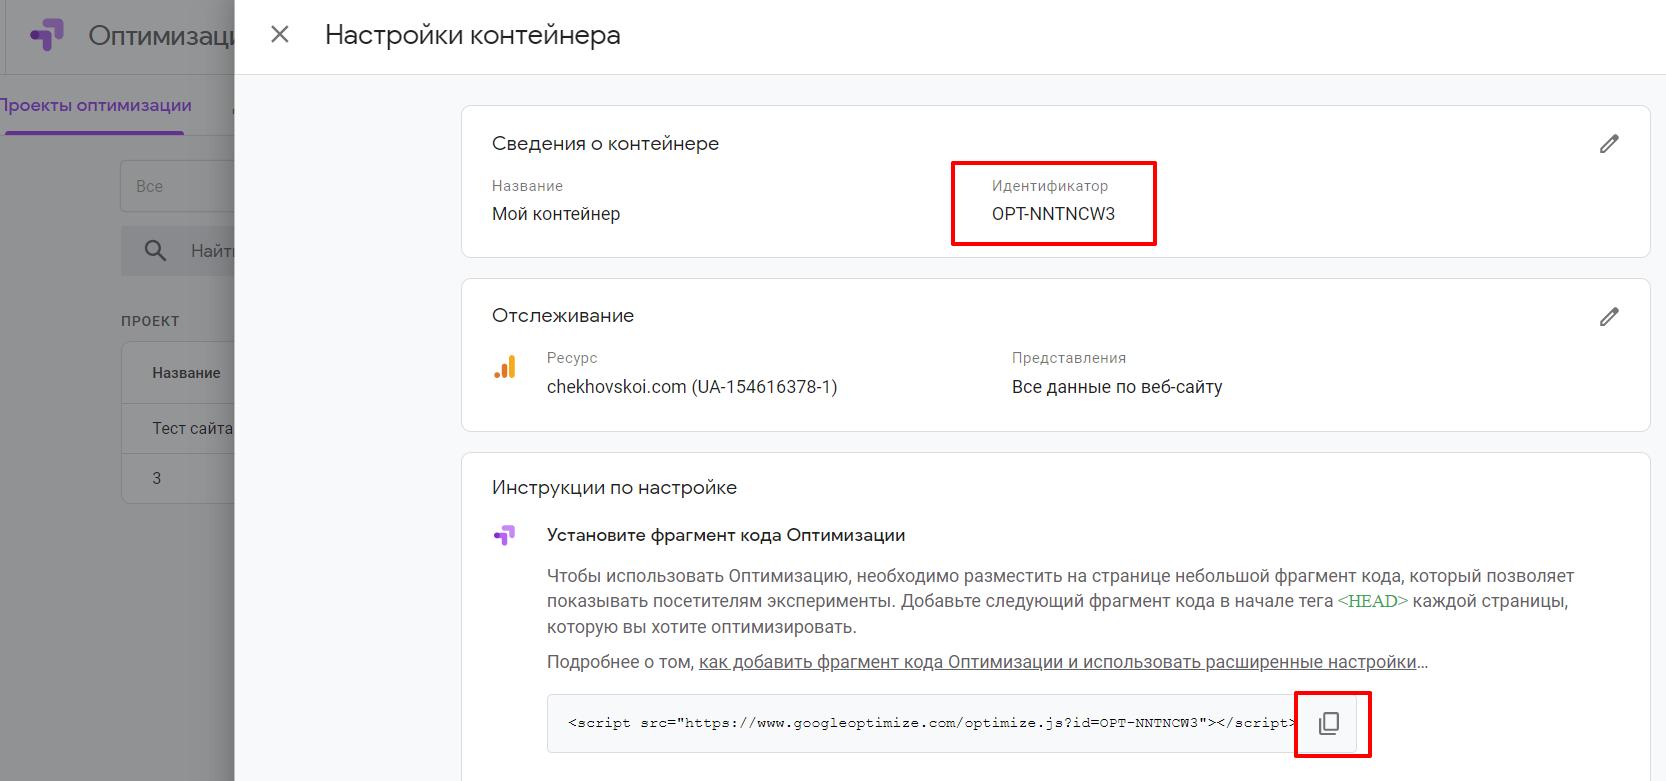 Настройки аккаунта Google Optimize